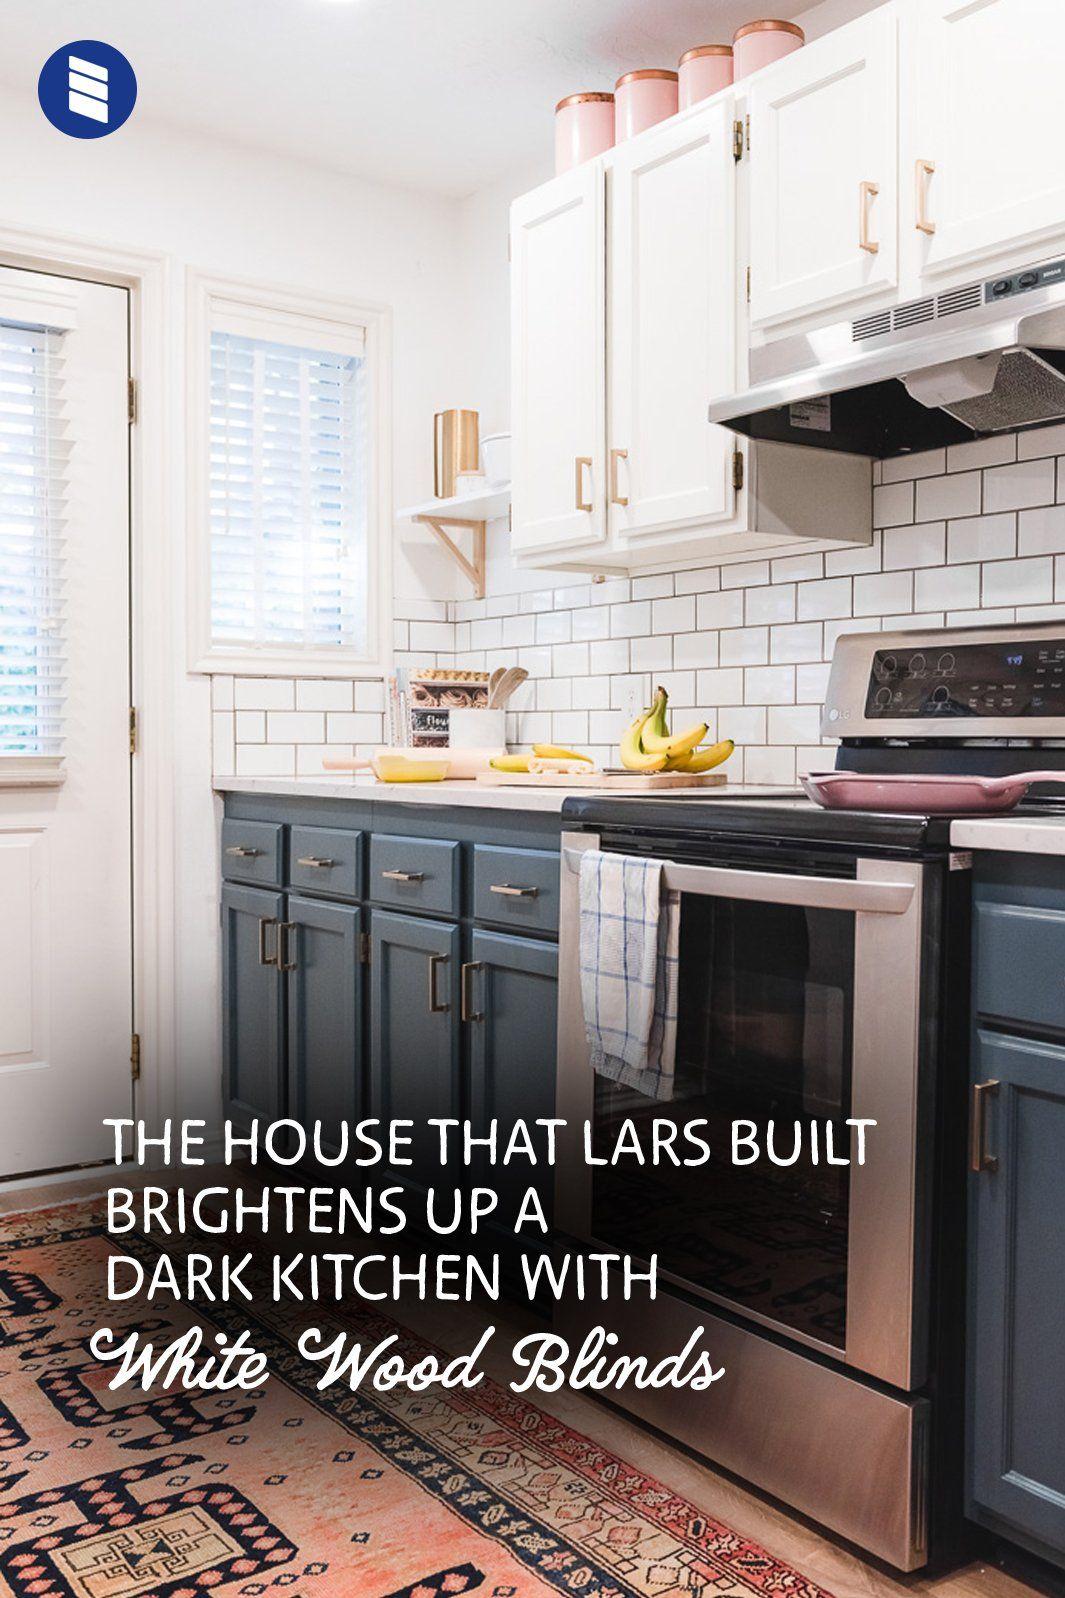 How To Brighten Up A Dark Wood Kitchen The House That Lars Built Brightens Up A Dark Kitchen With White Wood Blinds Blinds Com Wood Blinds White Wood Blinds Dark Kitchen